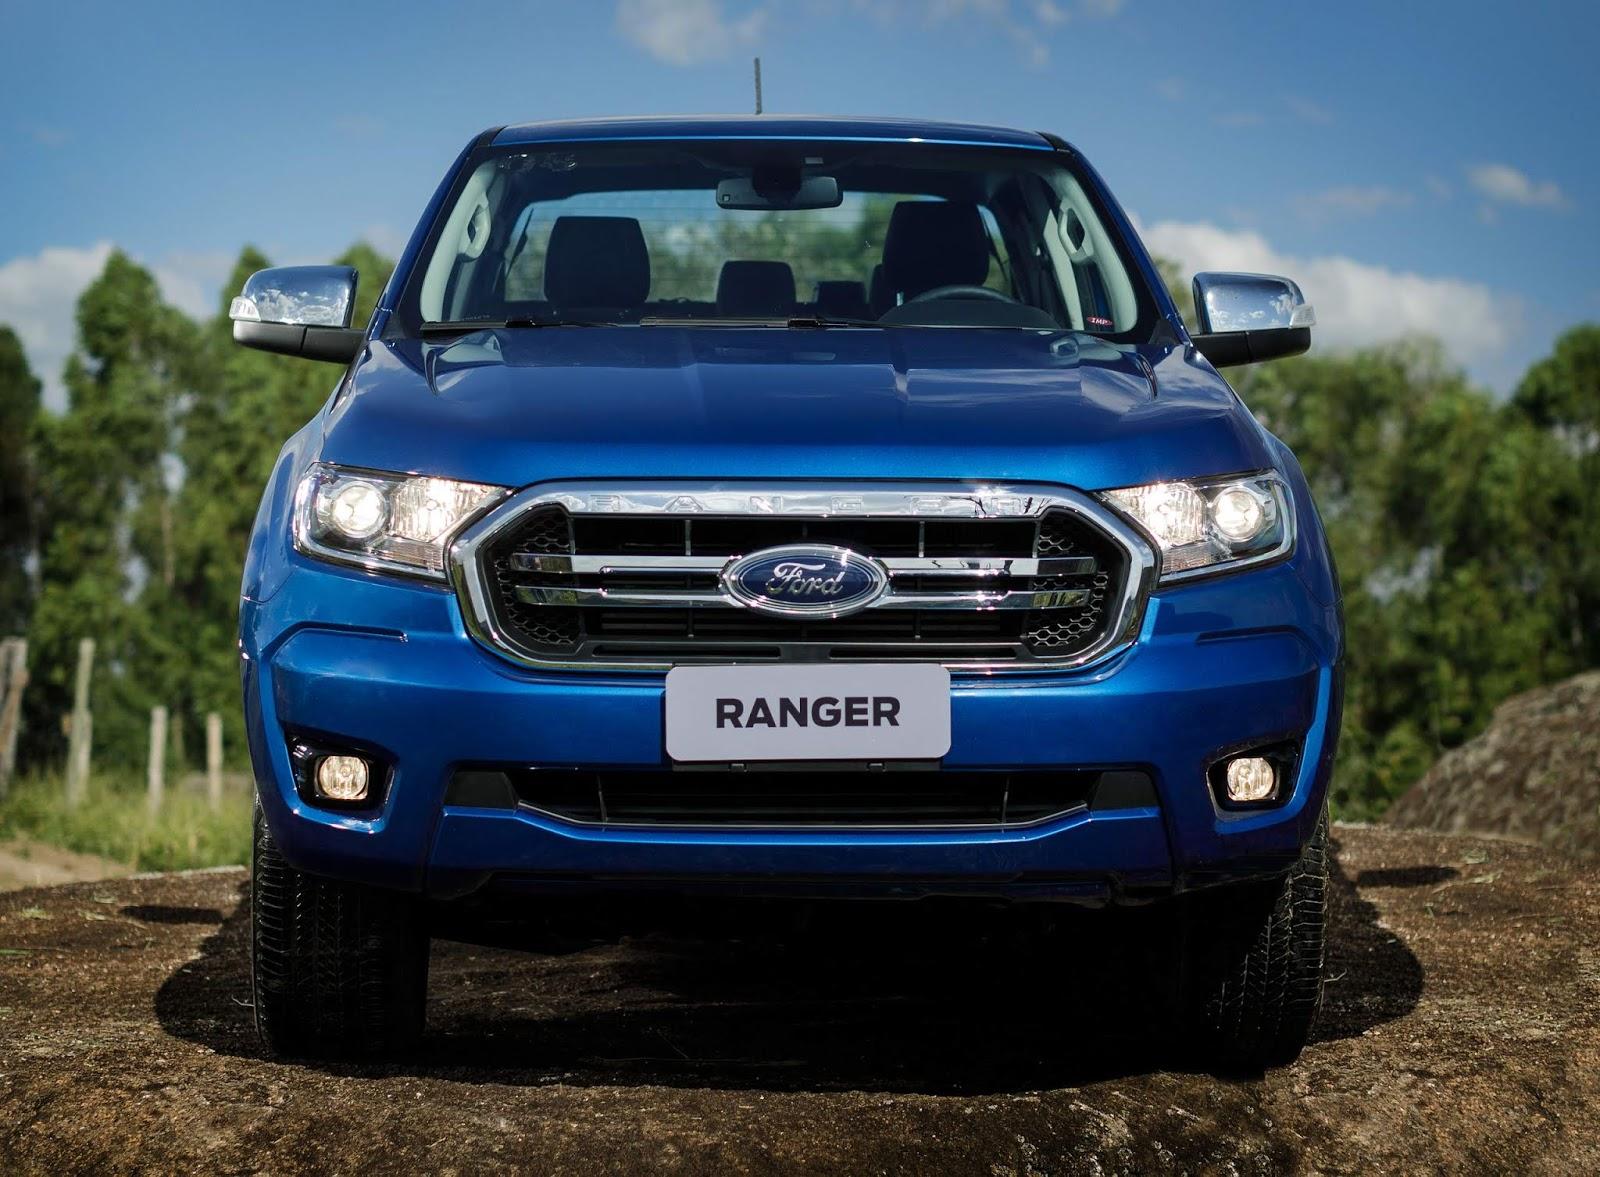 ford ranger 2020 chega com mudan u00e7as pontuais e s u00f3 com motor  u00e0 diesel  u2013 carpoint news